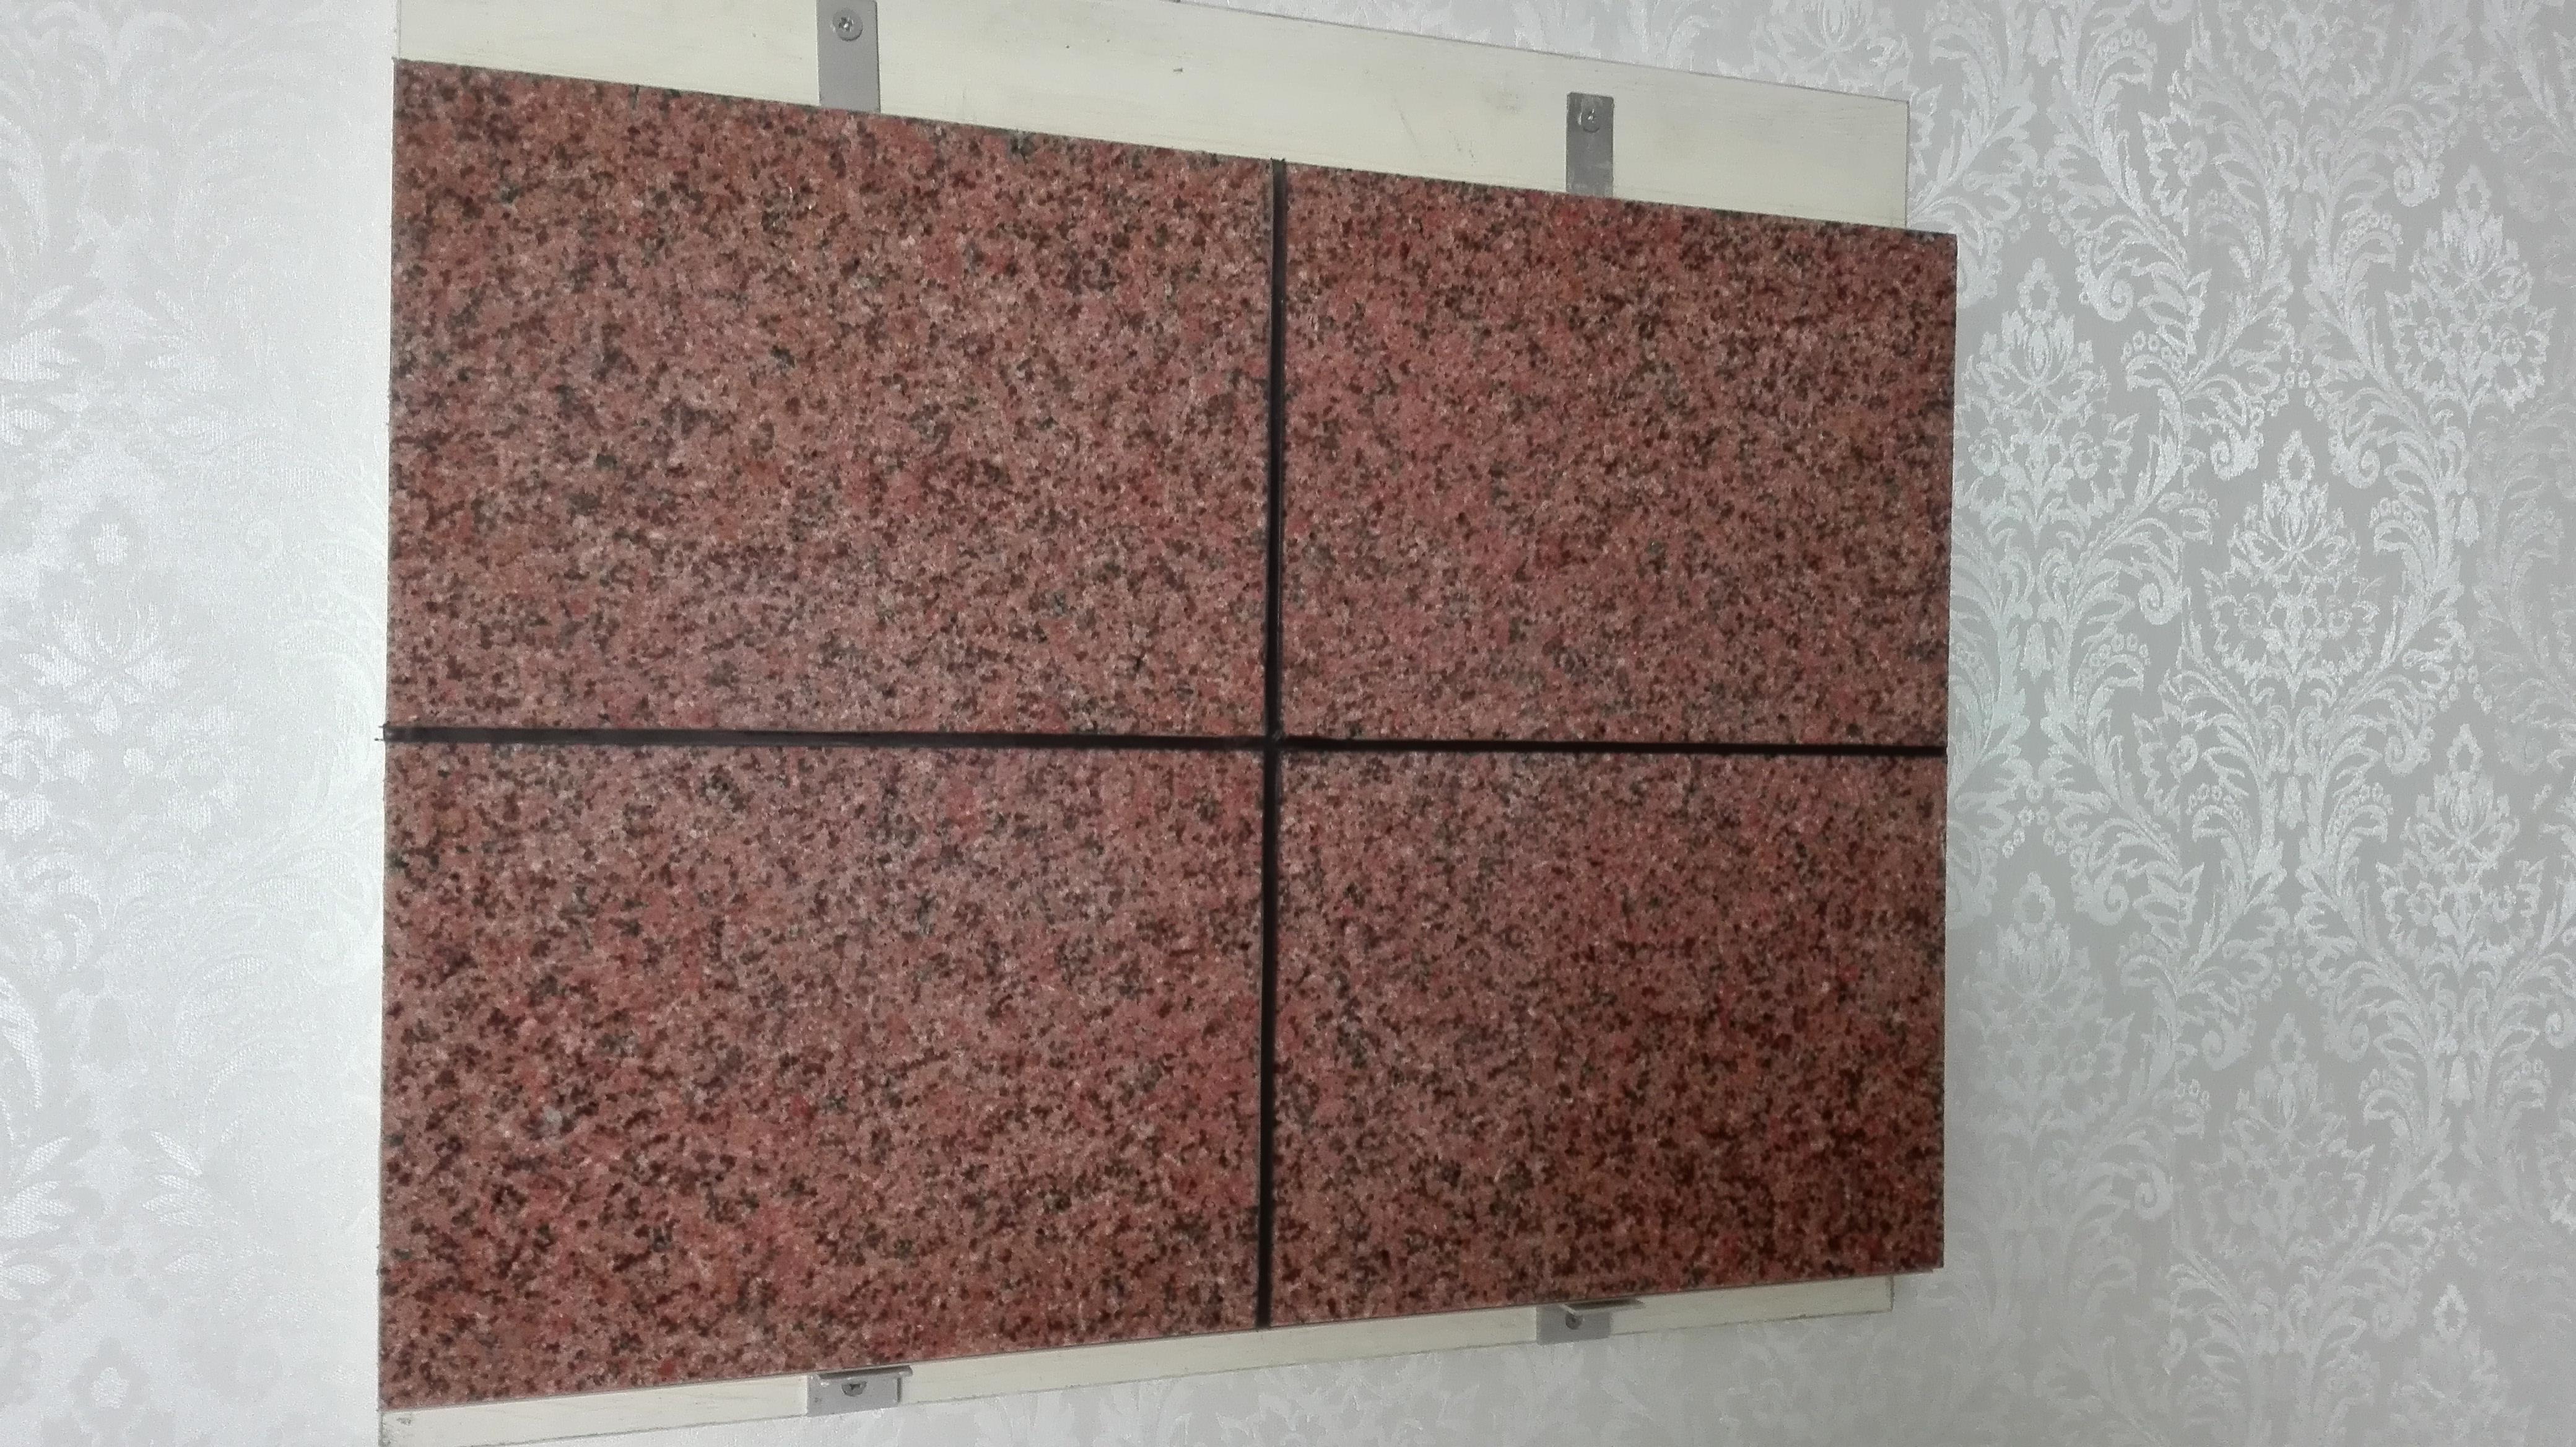 供应用于外墙保温装饰的河南保温装饰一体化板 河南保温装饰一体板供应商  一体板批发价格